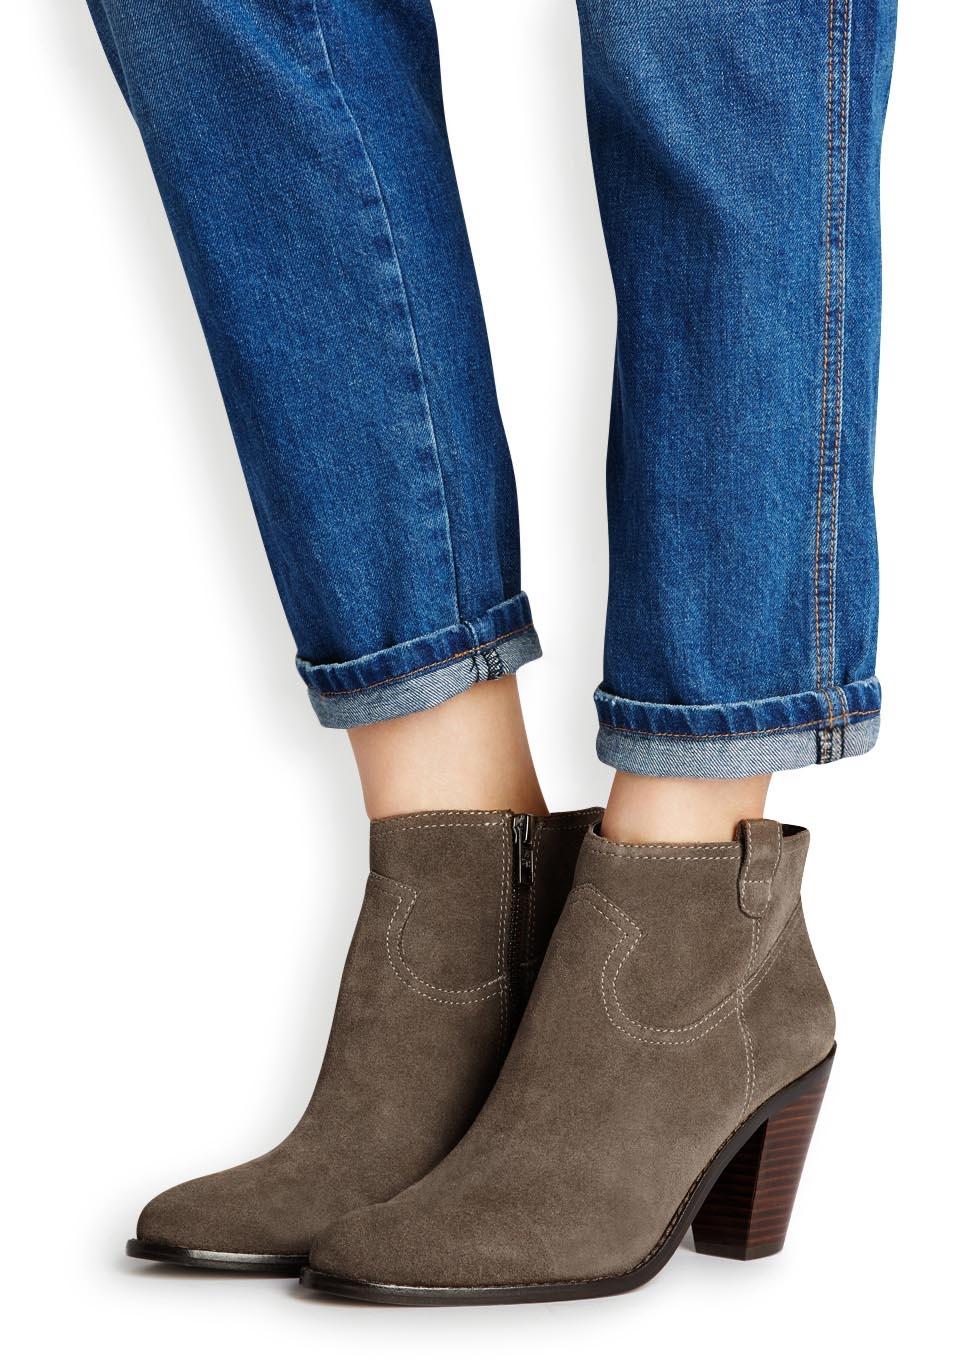 Ash Ivana Ankle Boots Color: Blue